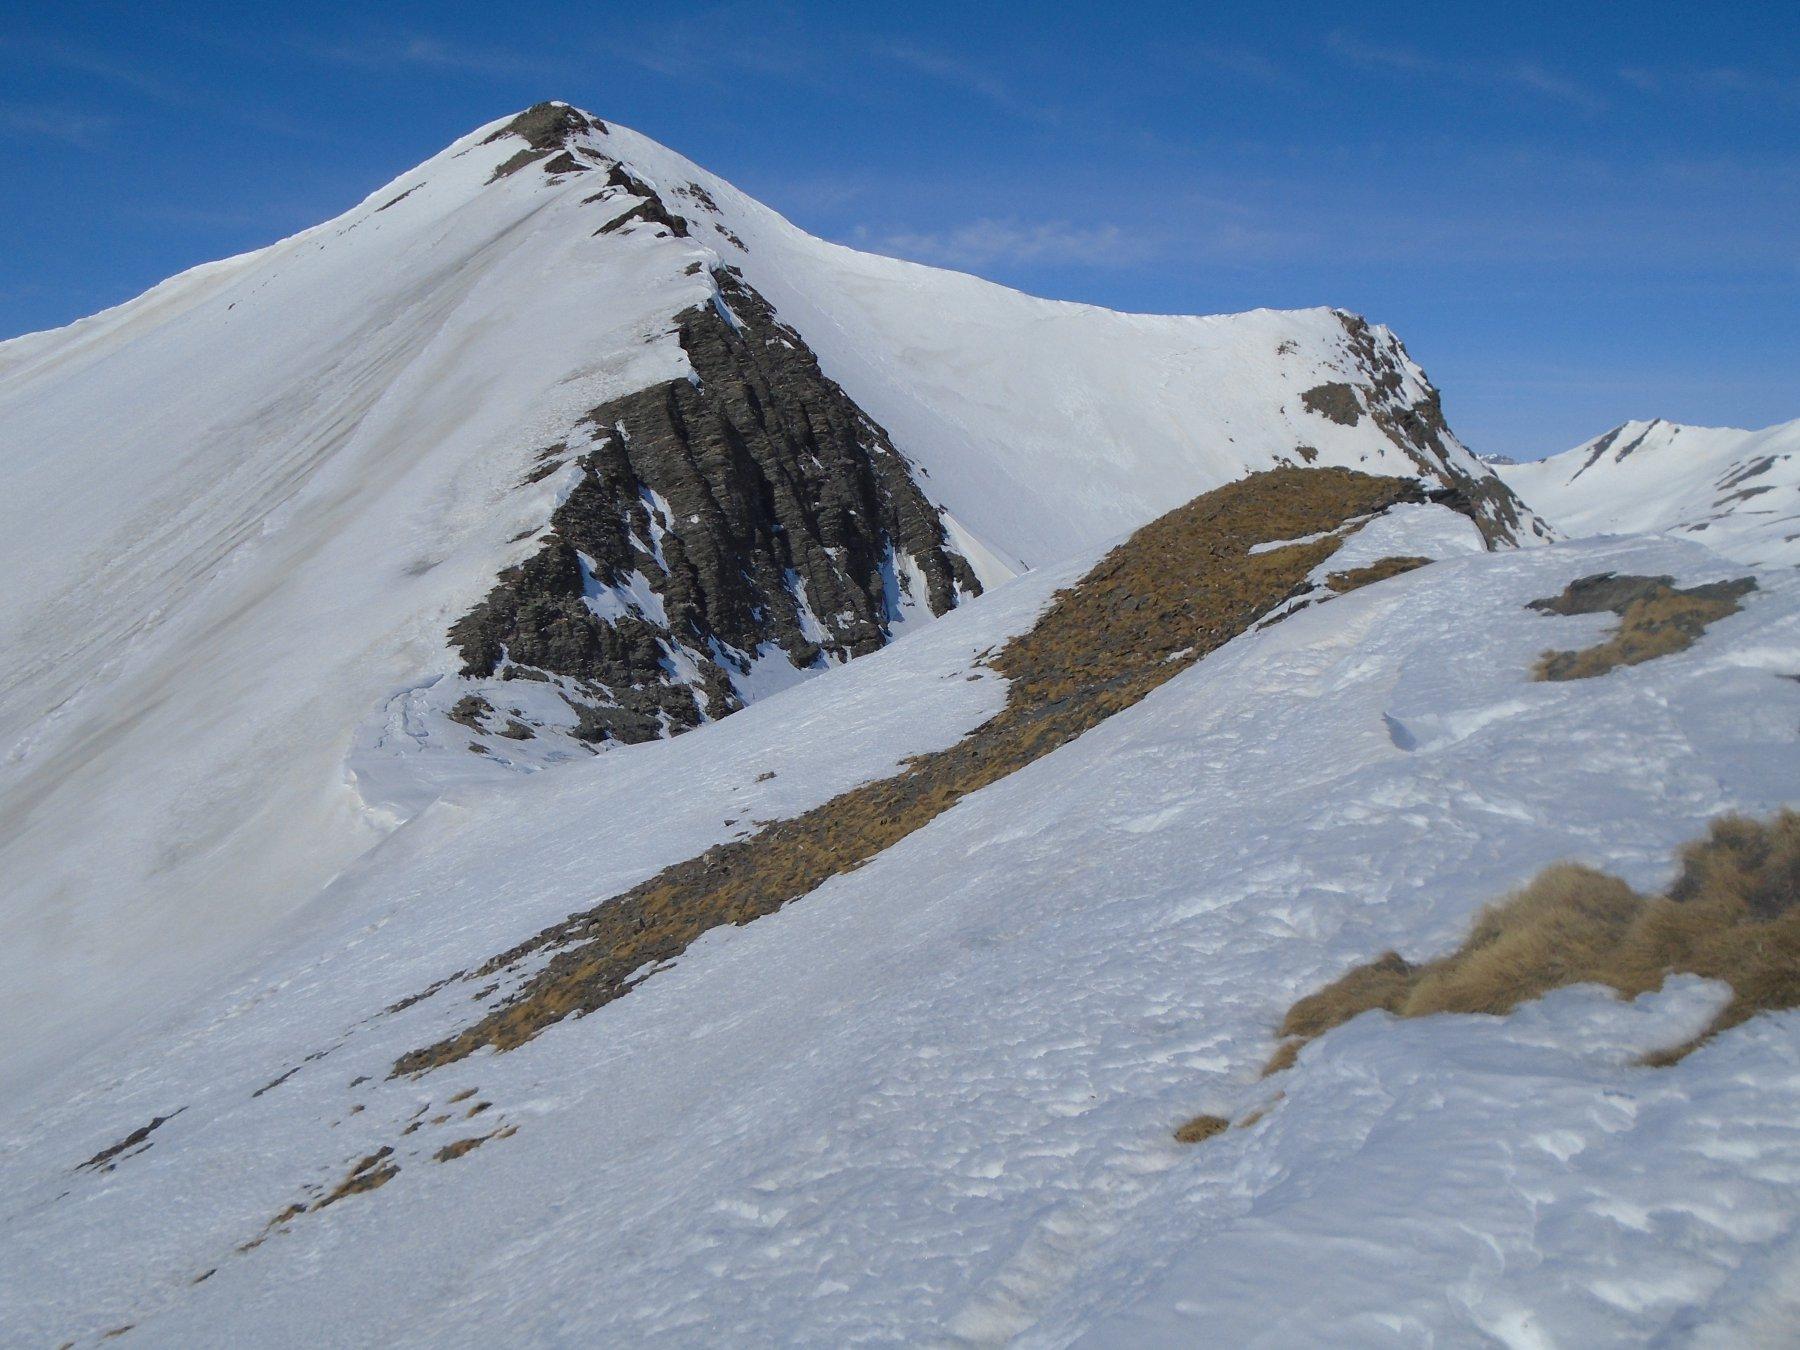 Dalla cresta sguardo indietro verso il Buc: vetta sud a sx, vetta nord a dx